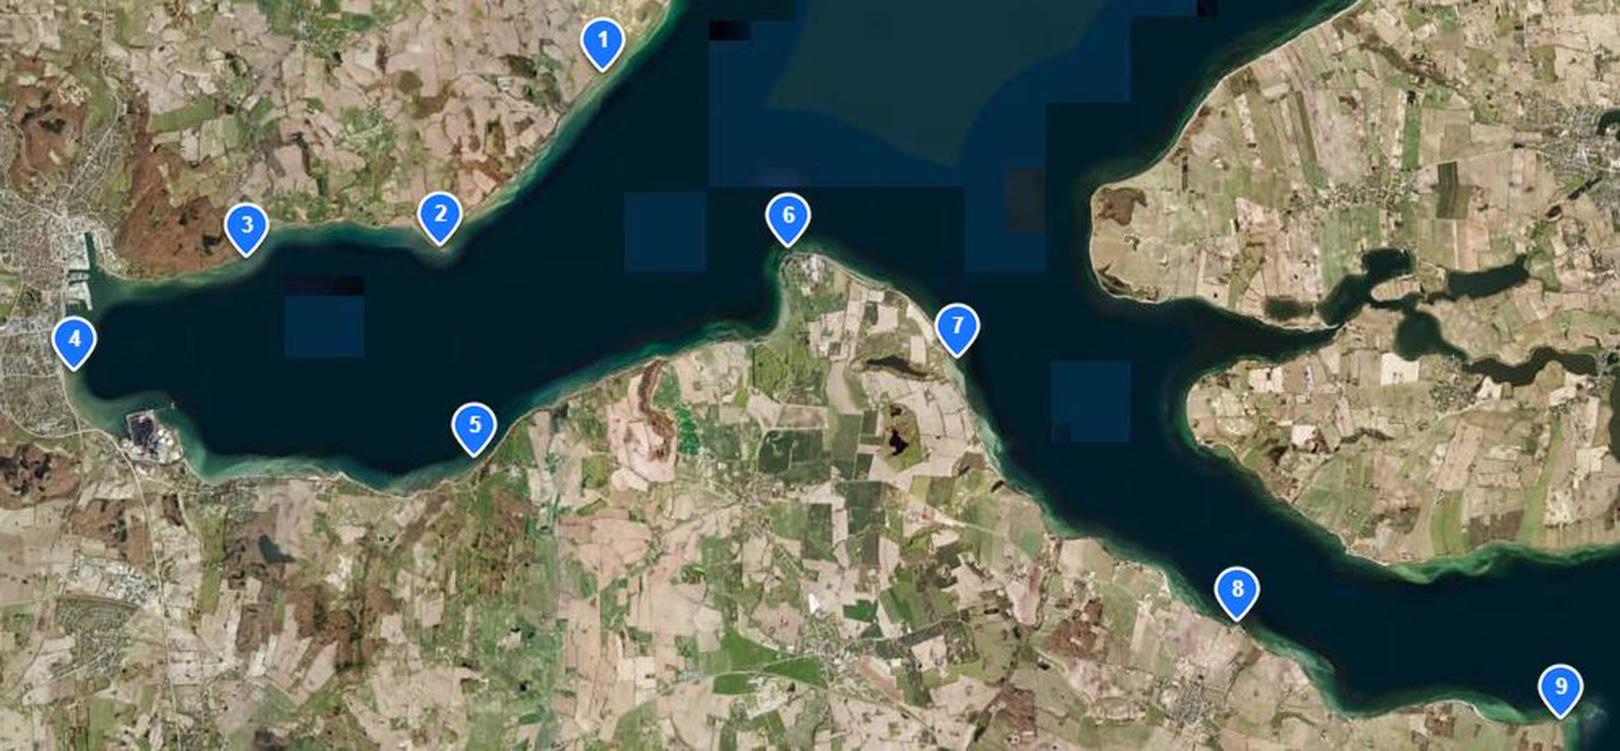 Kott over havørredpladser ved Aabenraa